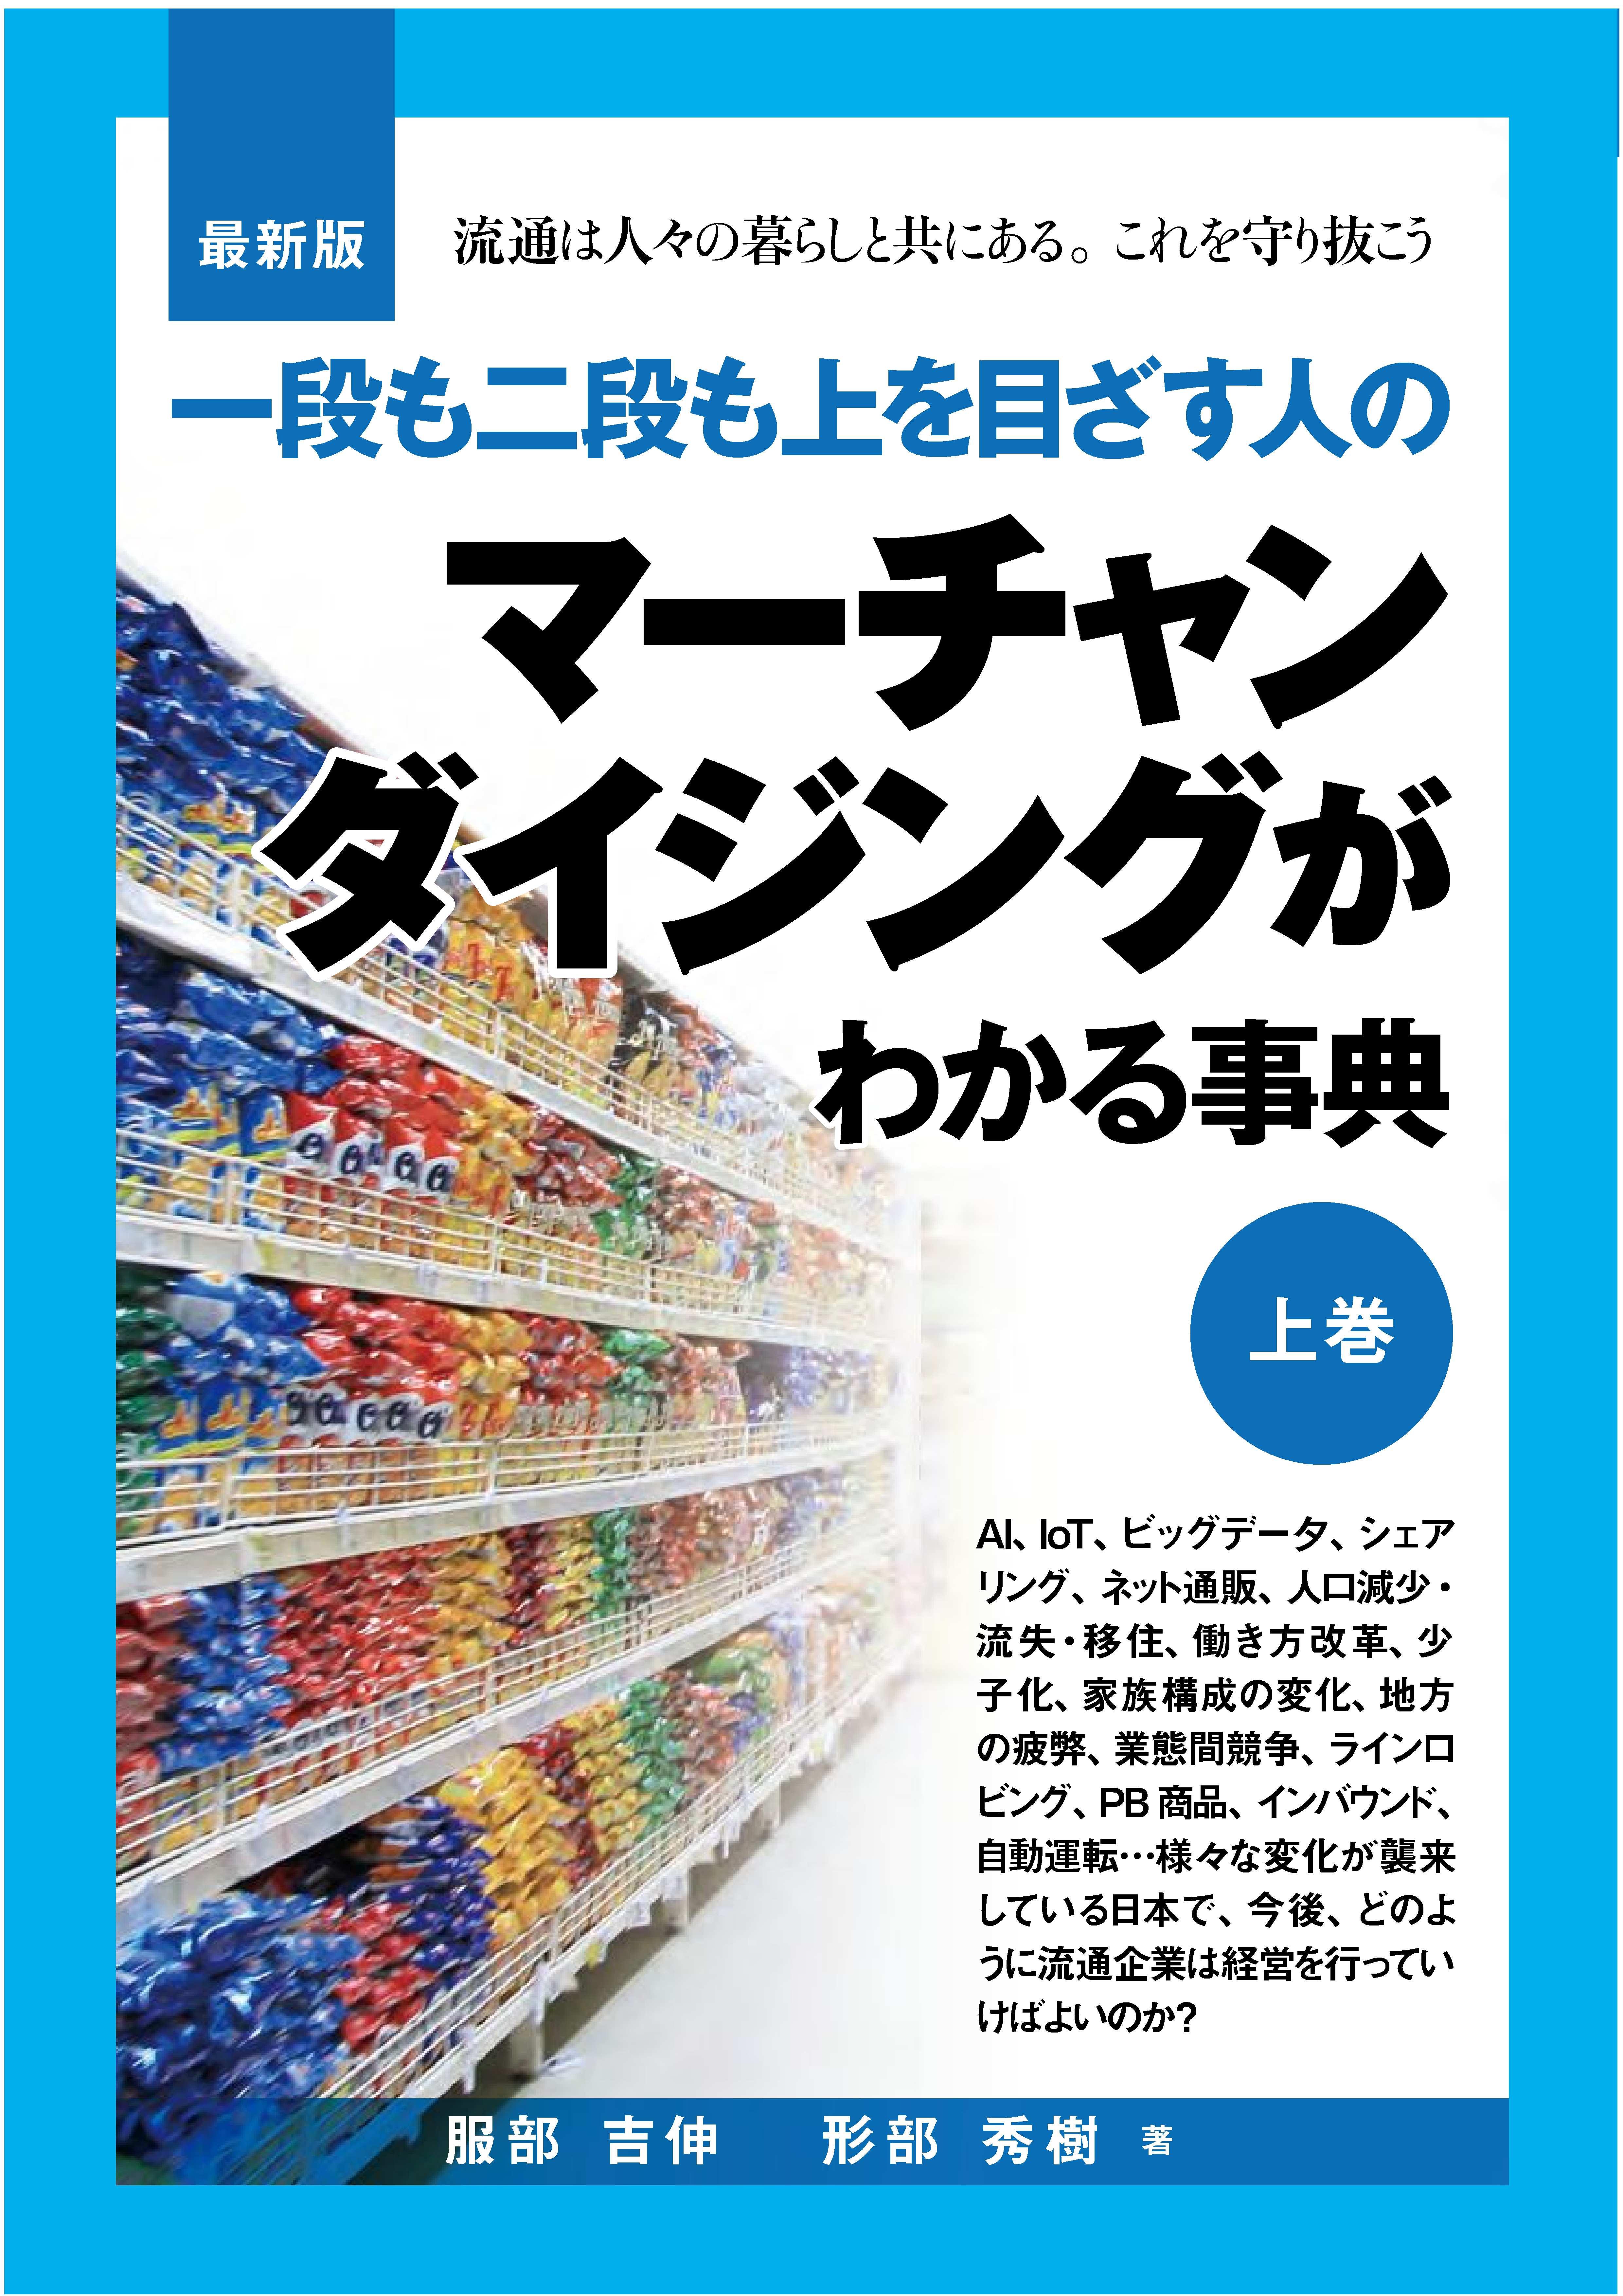 13235a6aee 日本企業には戦略がないと酷評する学者=ポーターもいるが、日米企業間では戦略に違いがある